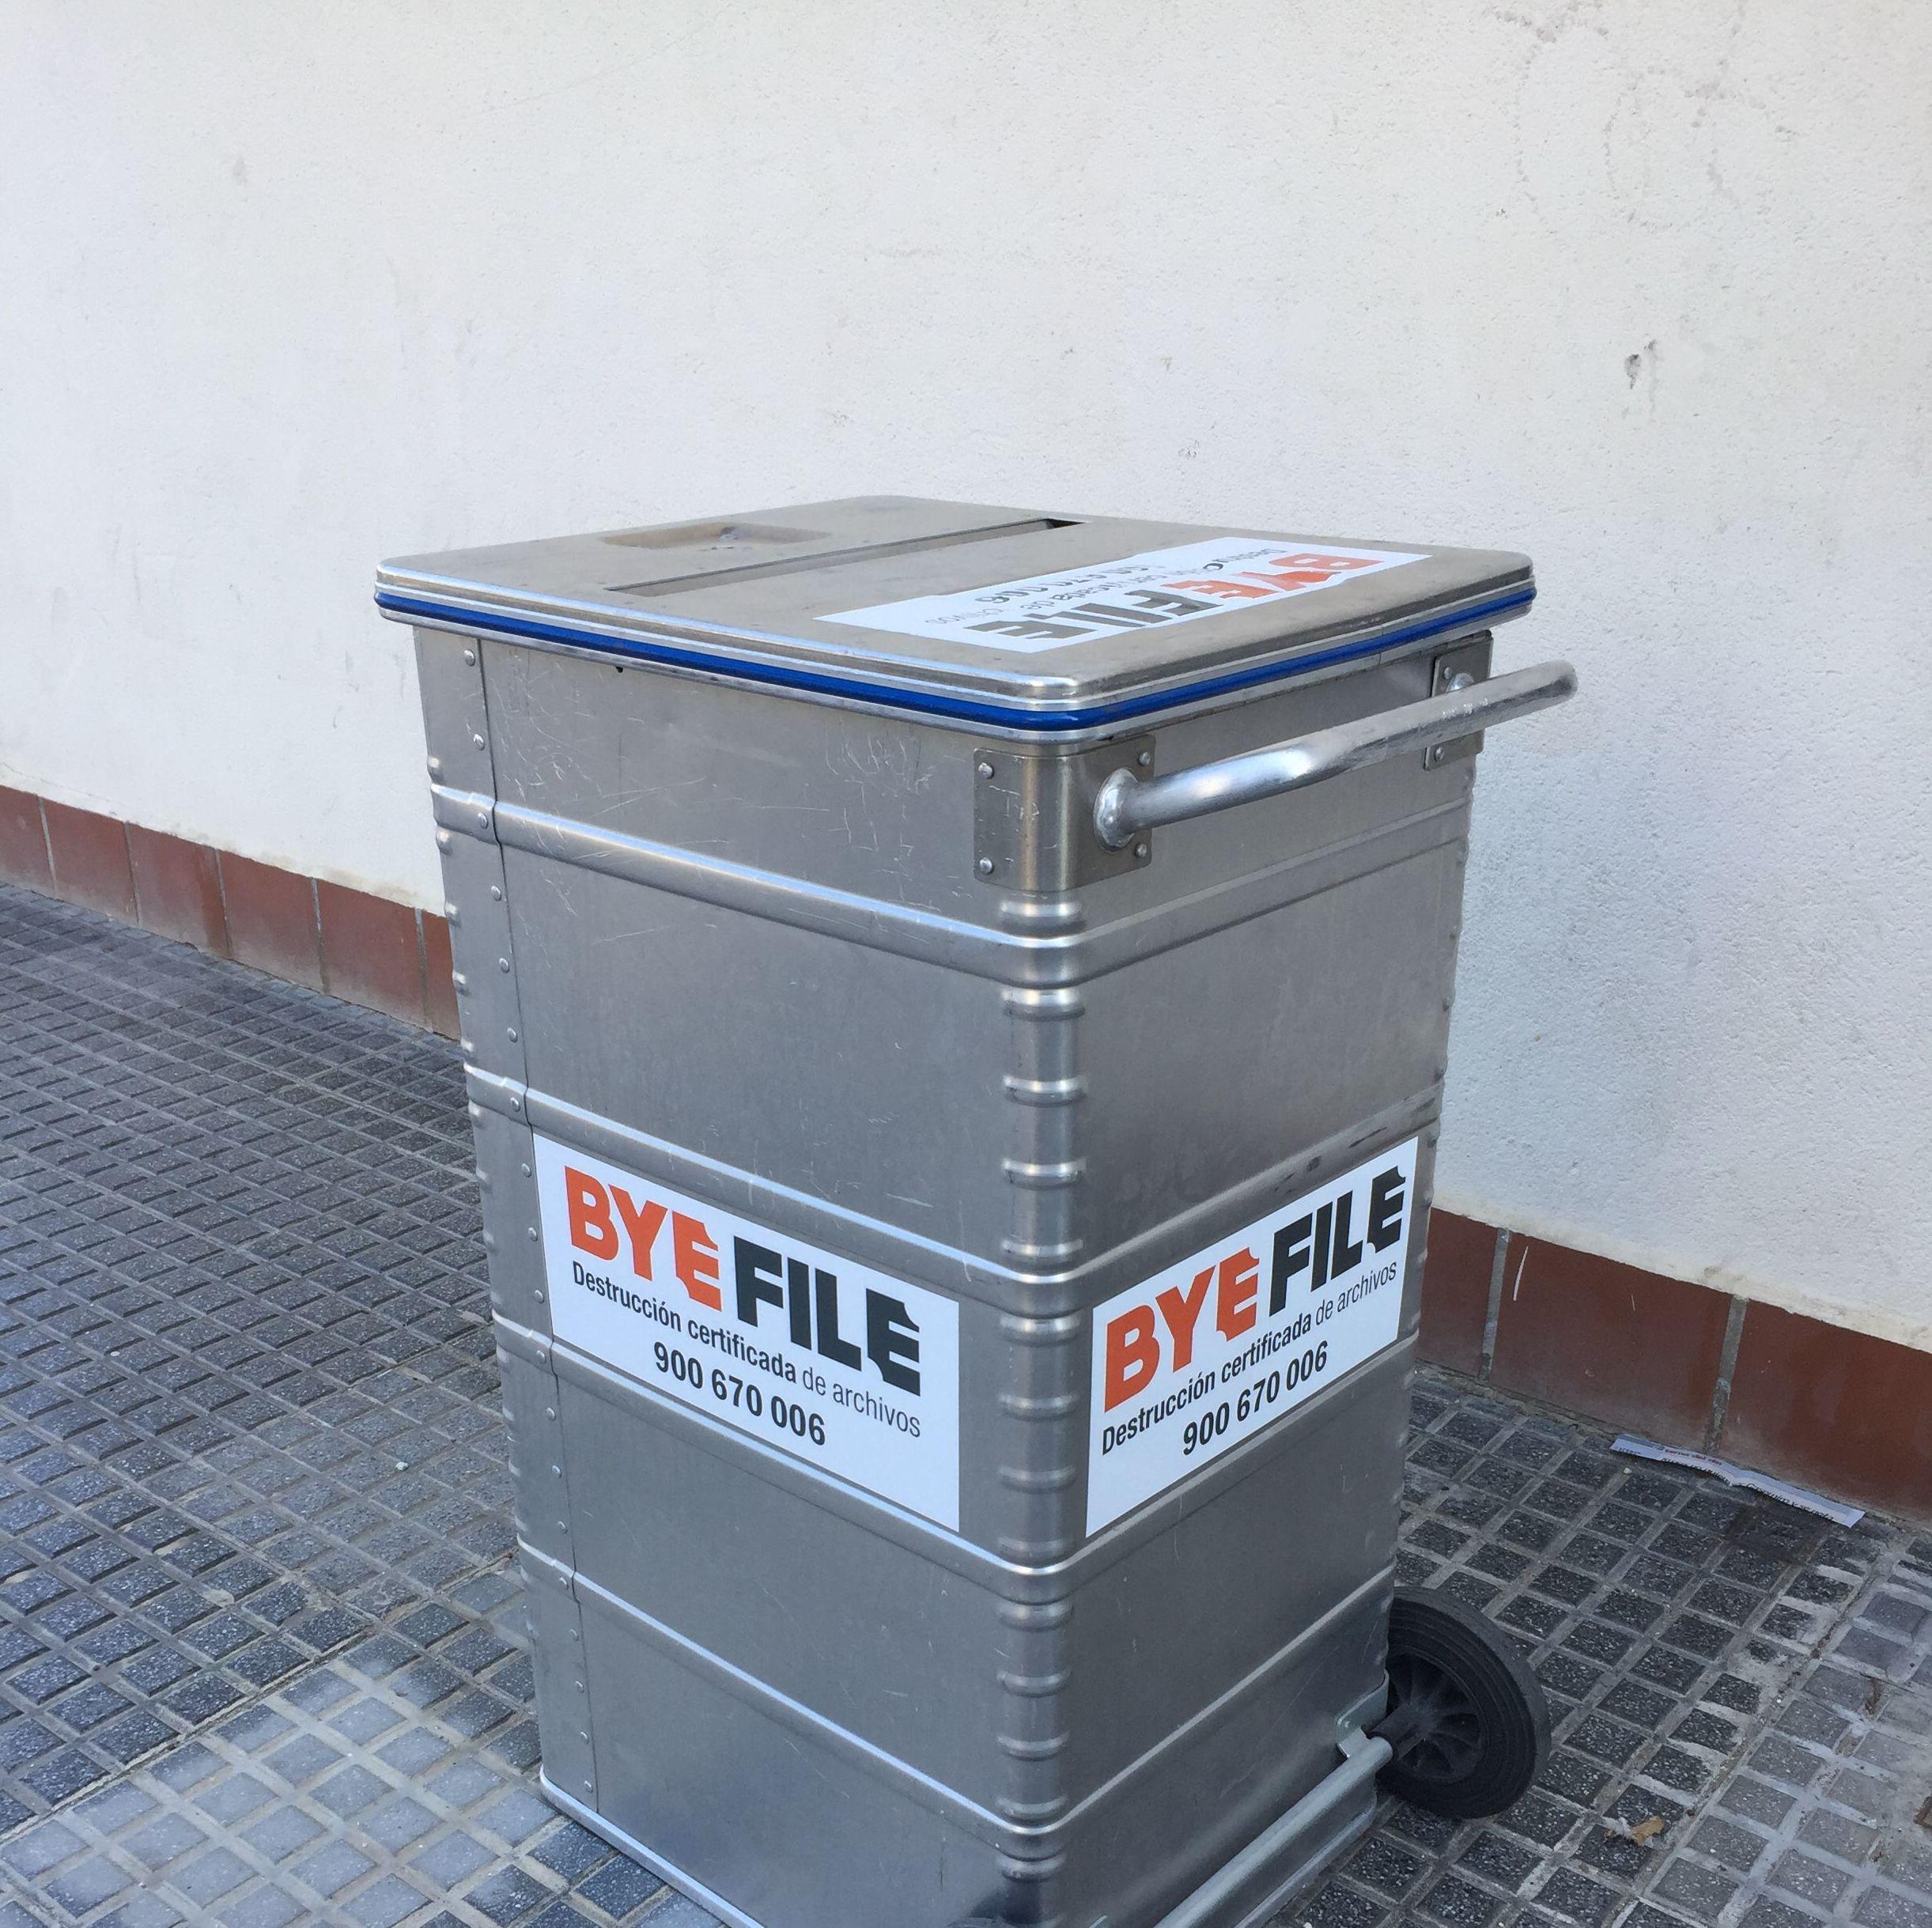 Foto 2 de Destrucción certificada de archivos en Málaga | Servicio Integral de destrucción de documentos